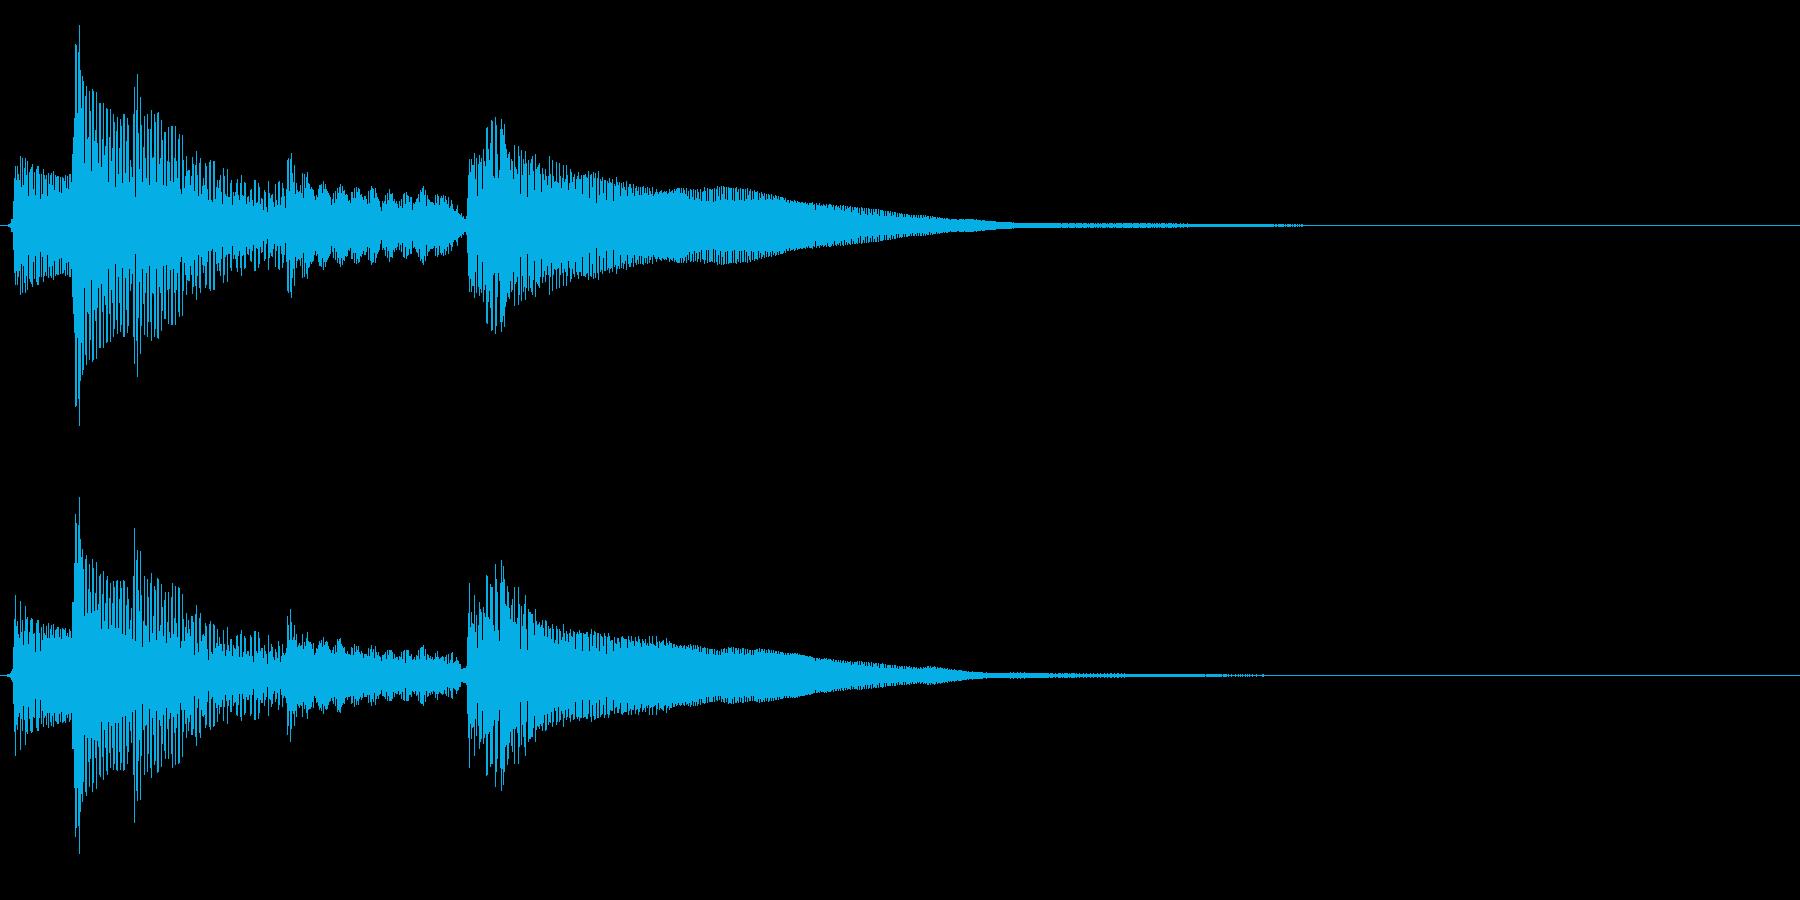 ★アコギ生音のジングル/オシャレ2の再生済みの波形